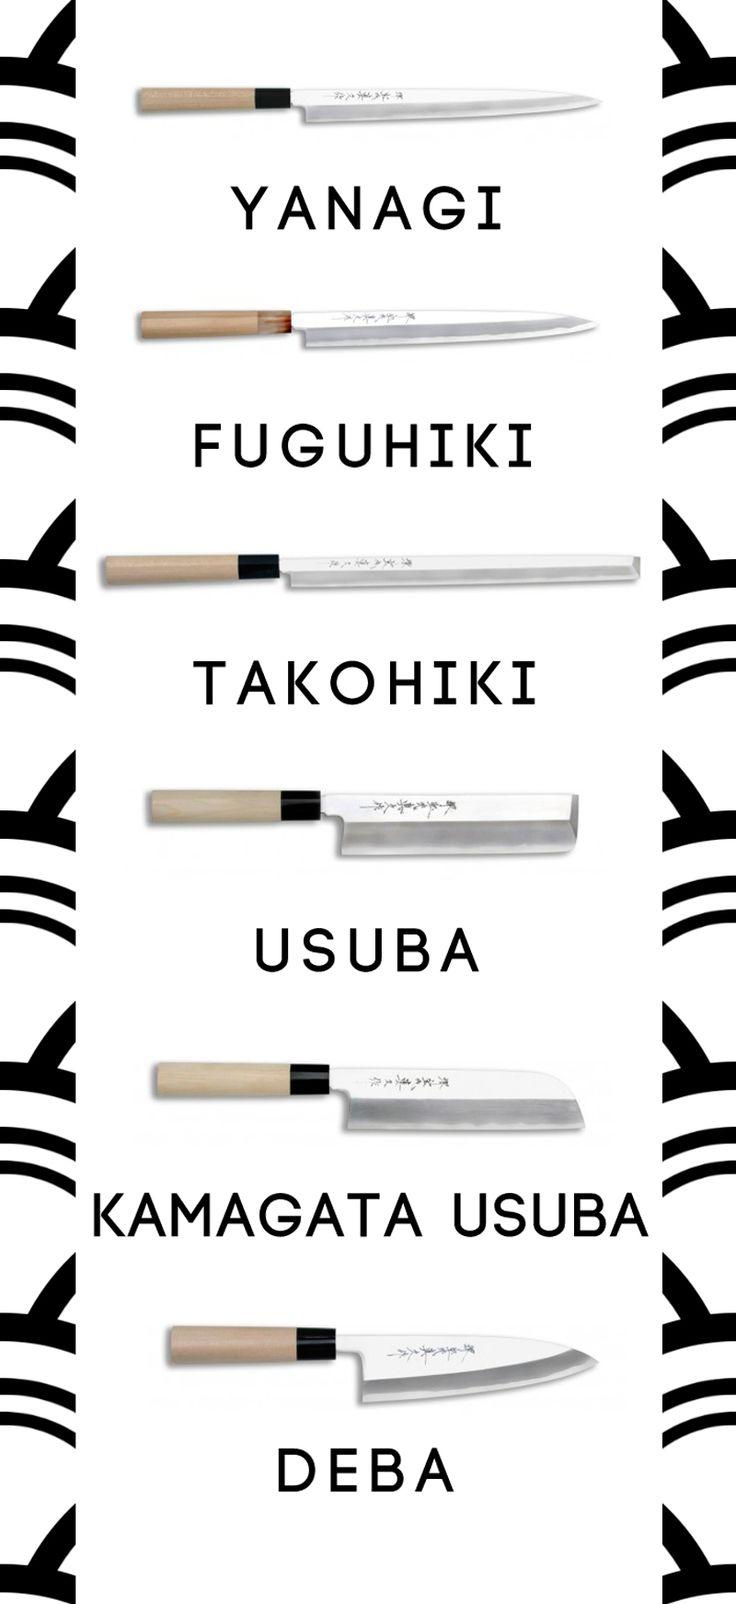 El arte de la fabricación de los cuchillos japoneses para sushi se remonta  al siglo 14, pero la fabricación de las espadas japonesas es aun mas  antigua, casi1000 años atrás.Durante el periodo de modernización en Japón  en el siglo 19 portar espadas samurai se convirtió en un delito, es por es